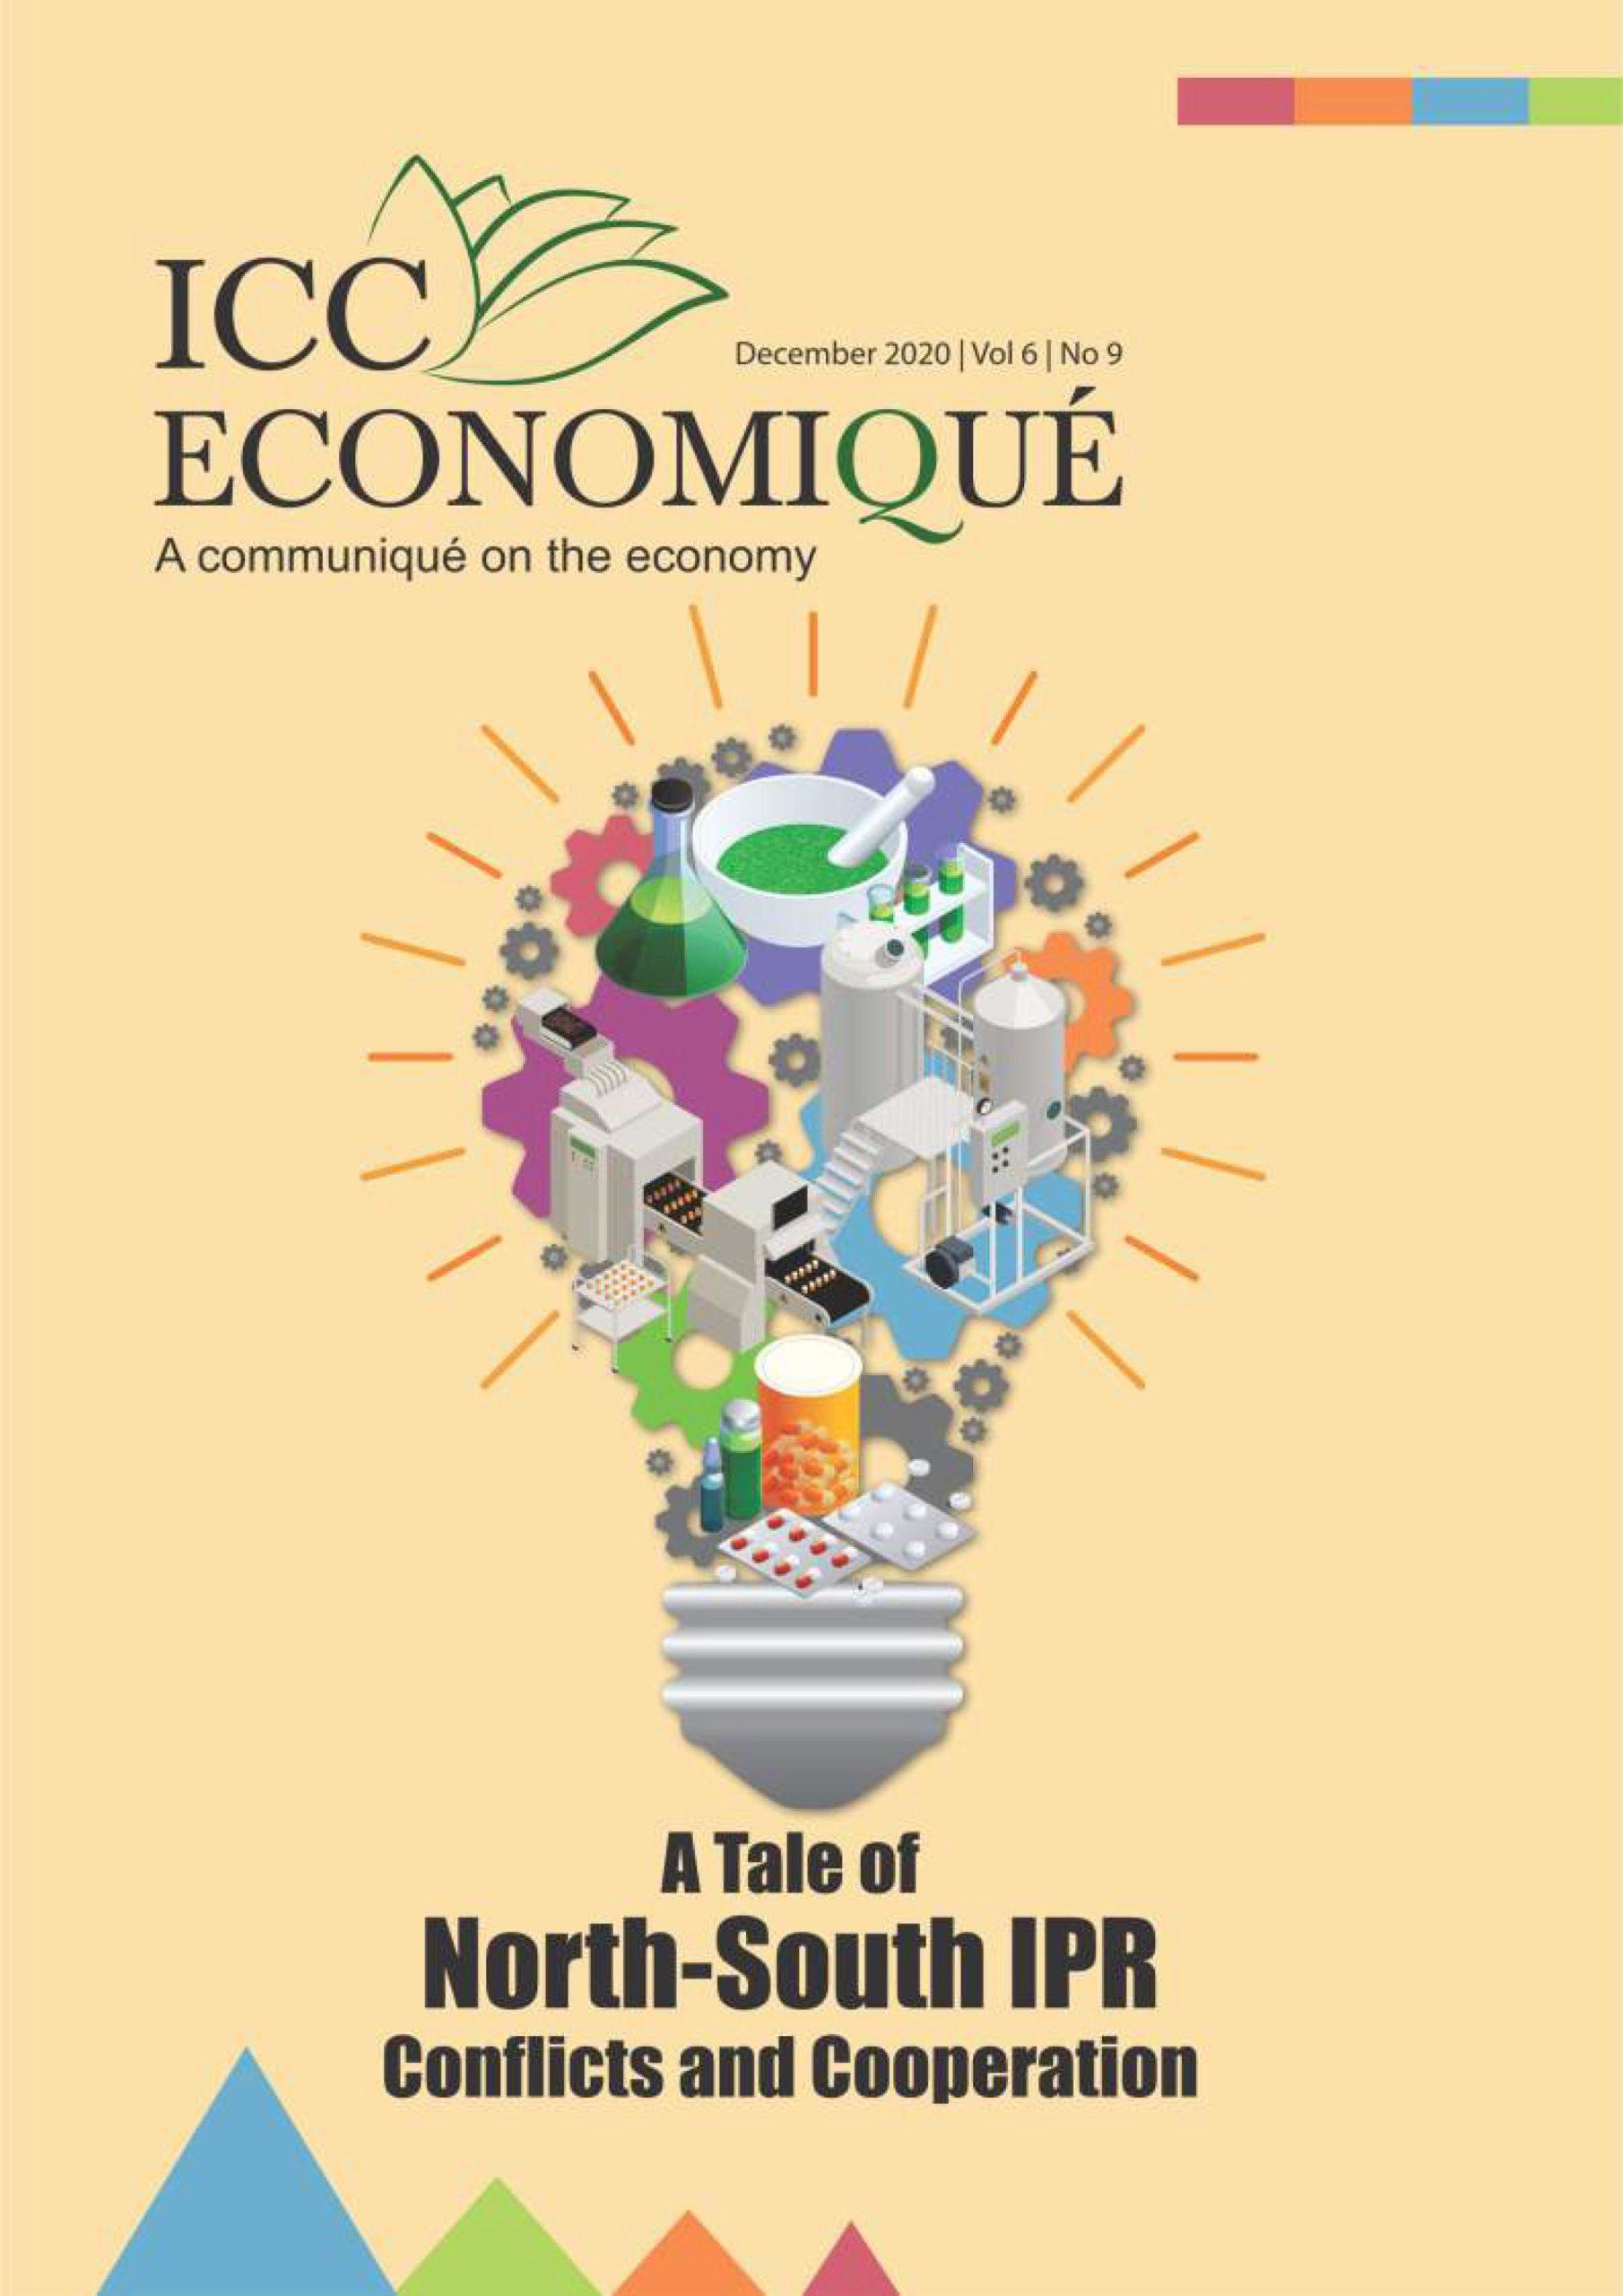 ICC Economique December 2020 | Vol 6 | No 9